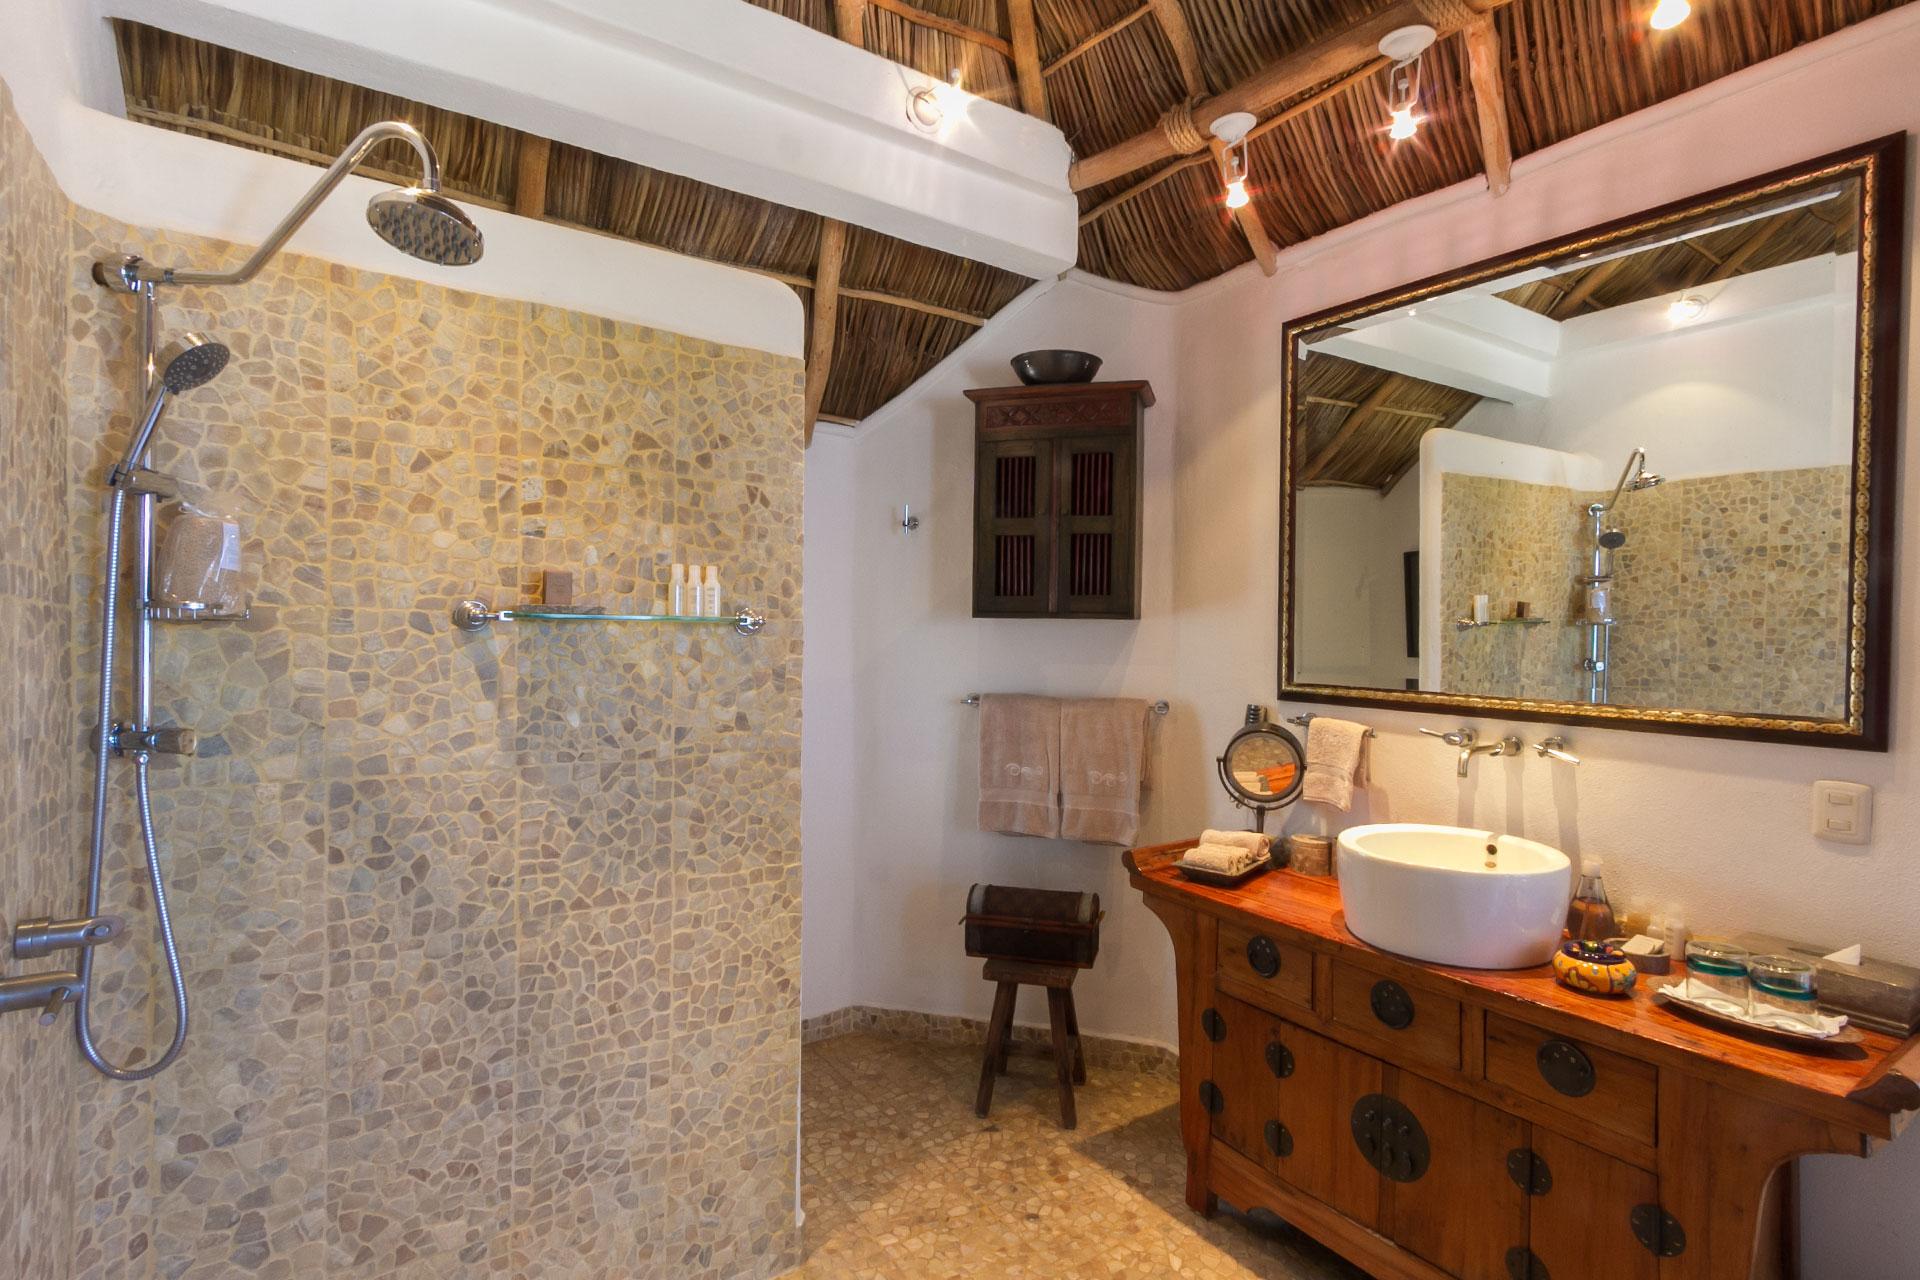 Moderno Bed Bath And Beyond Isla De Cocina Friso - Ideas de ...